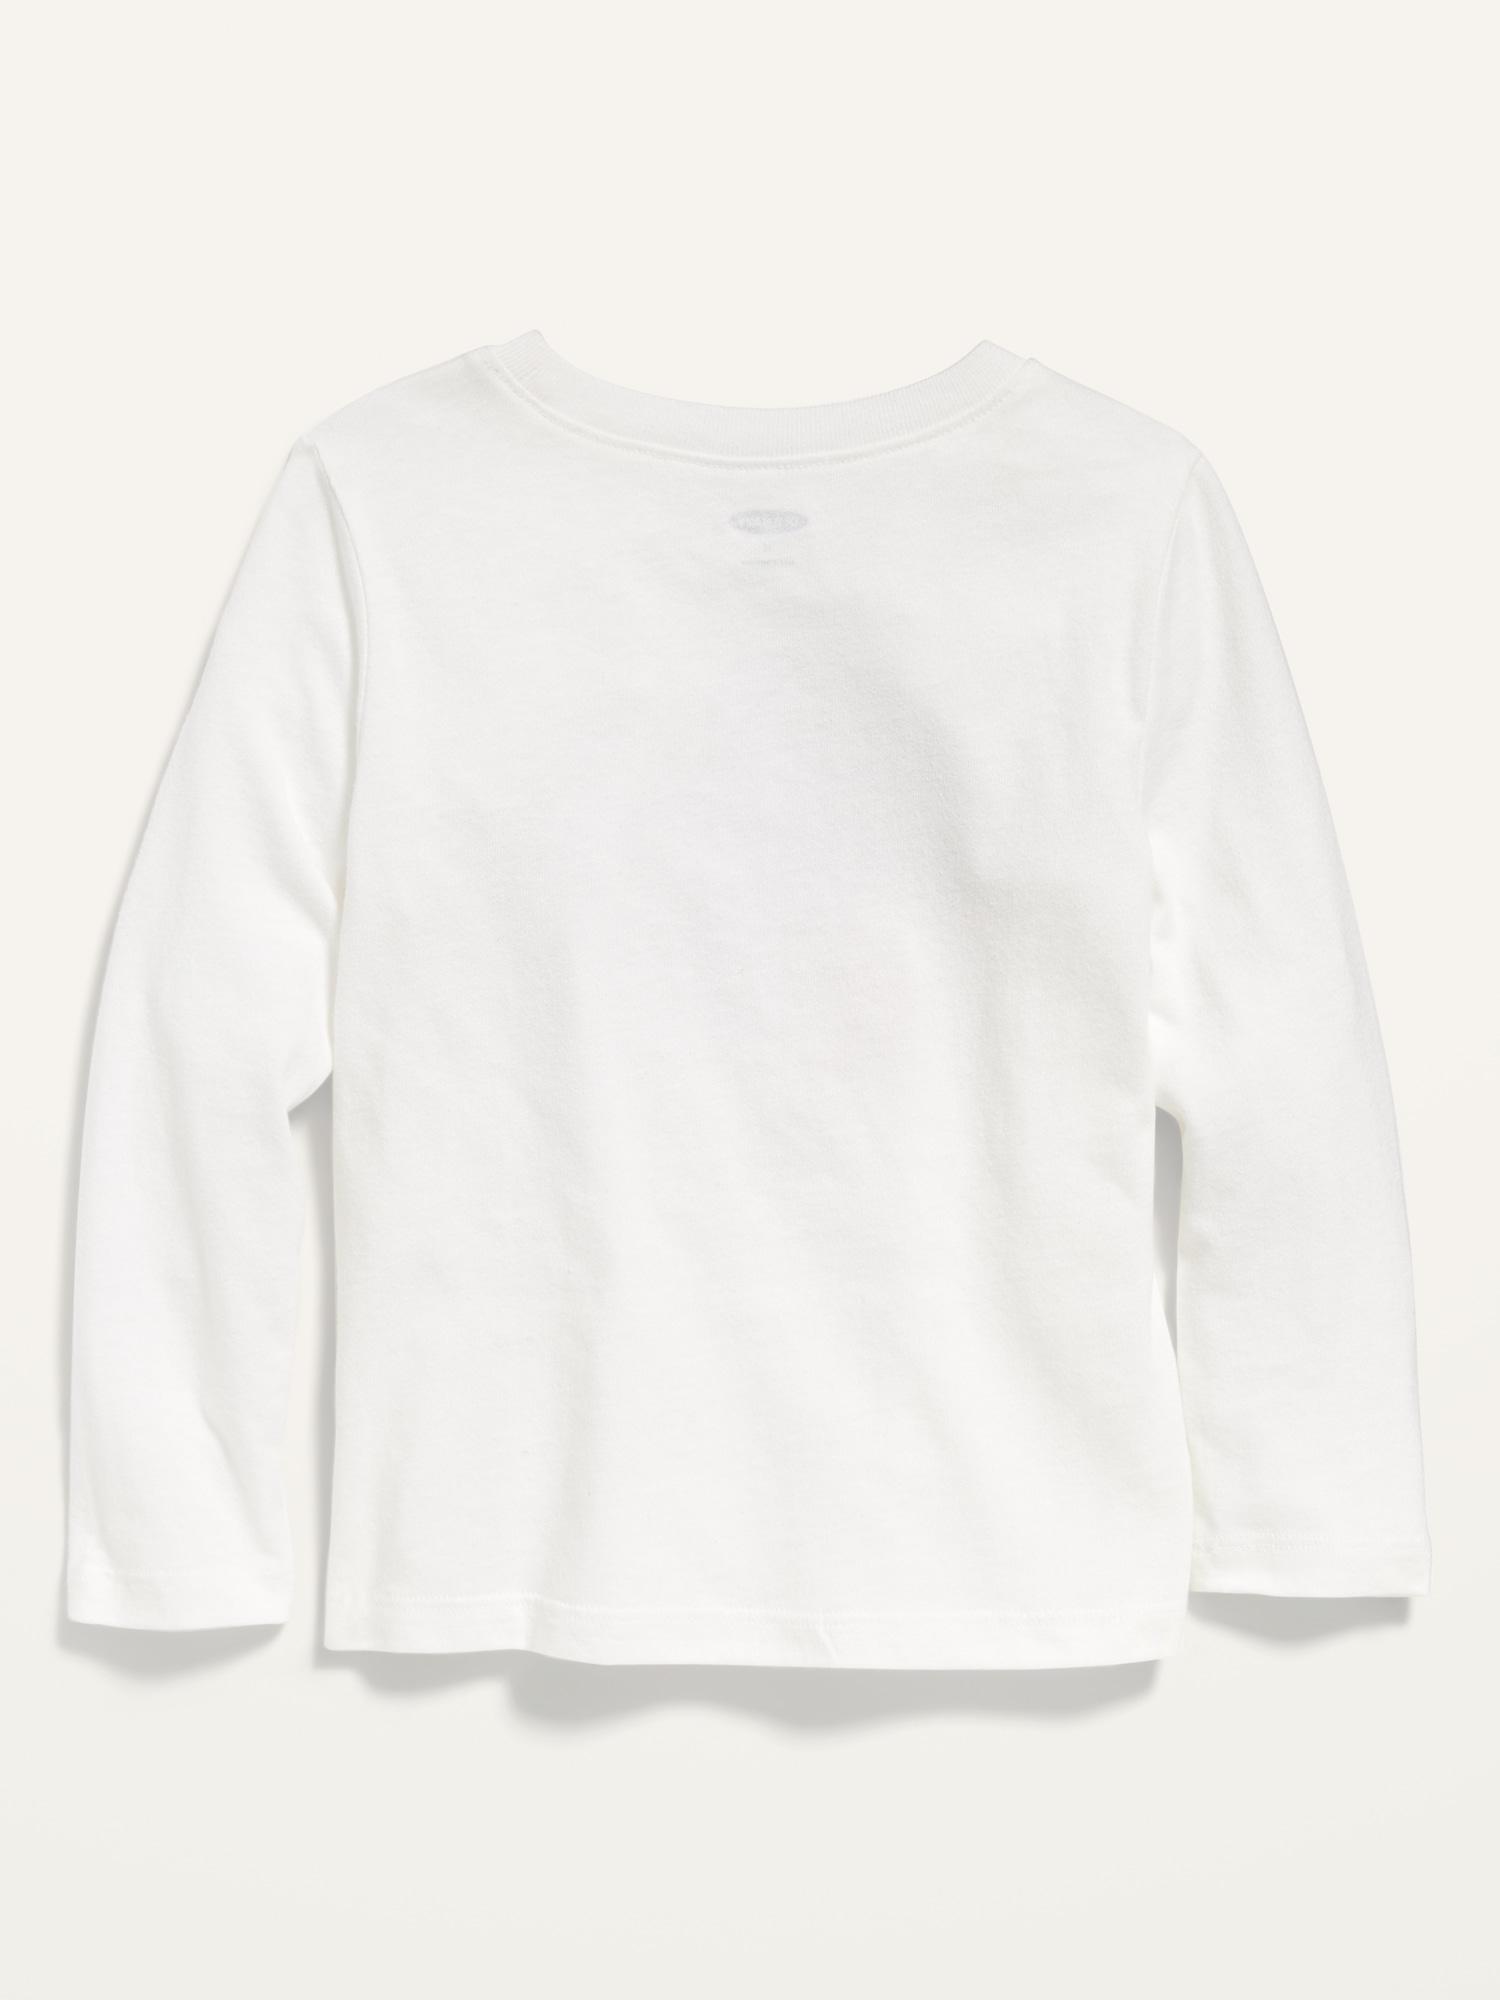 Unisex Valentine-Graphic Long-Sleeve Crew-Neck Tee for